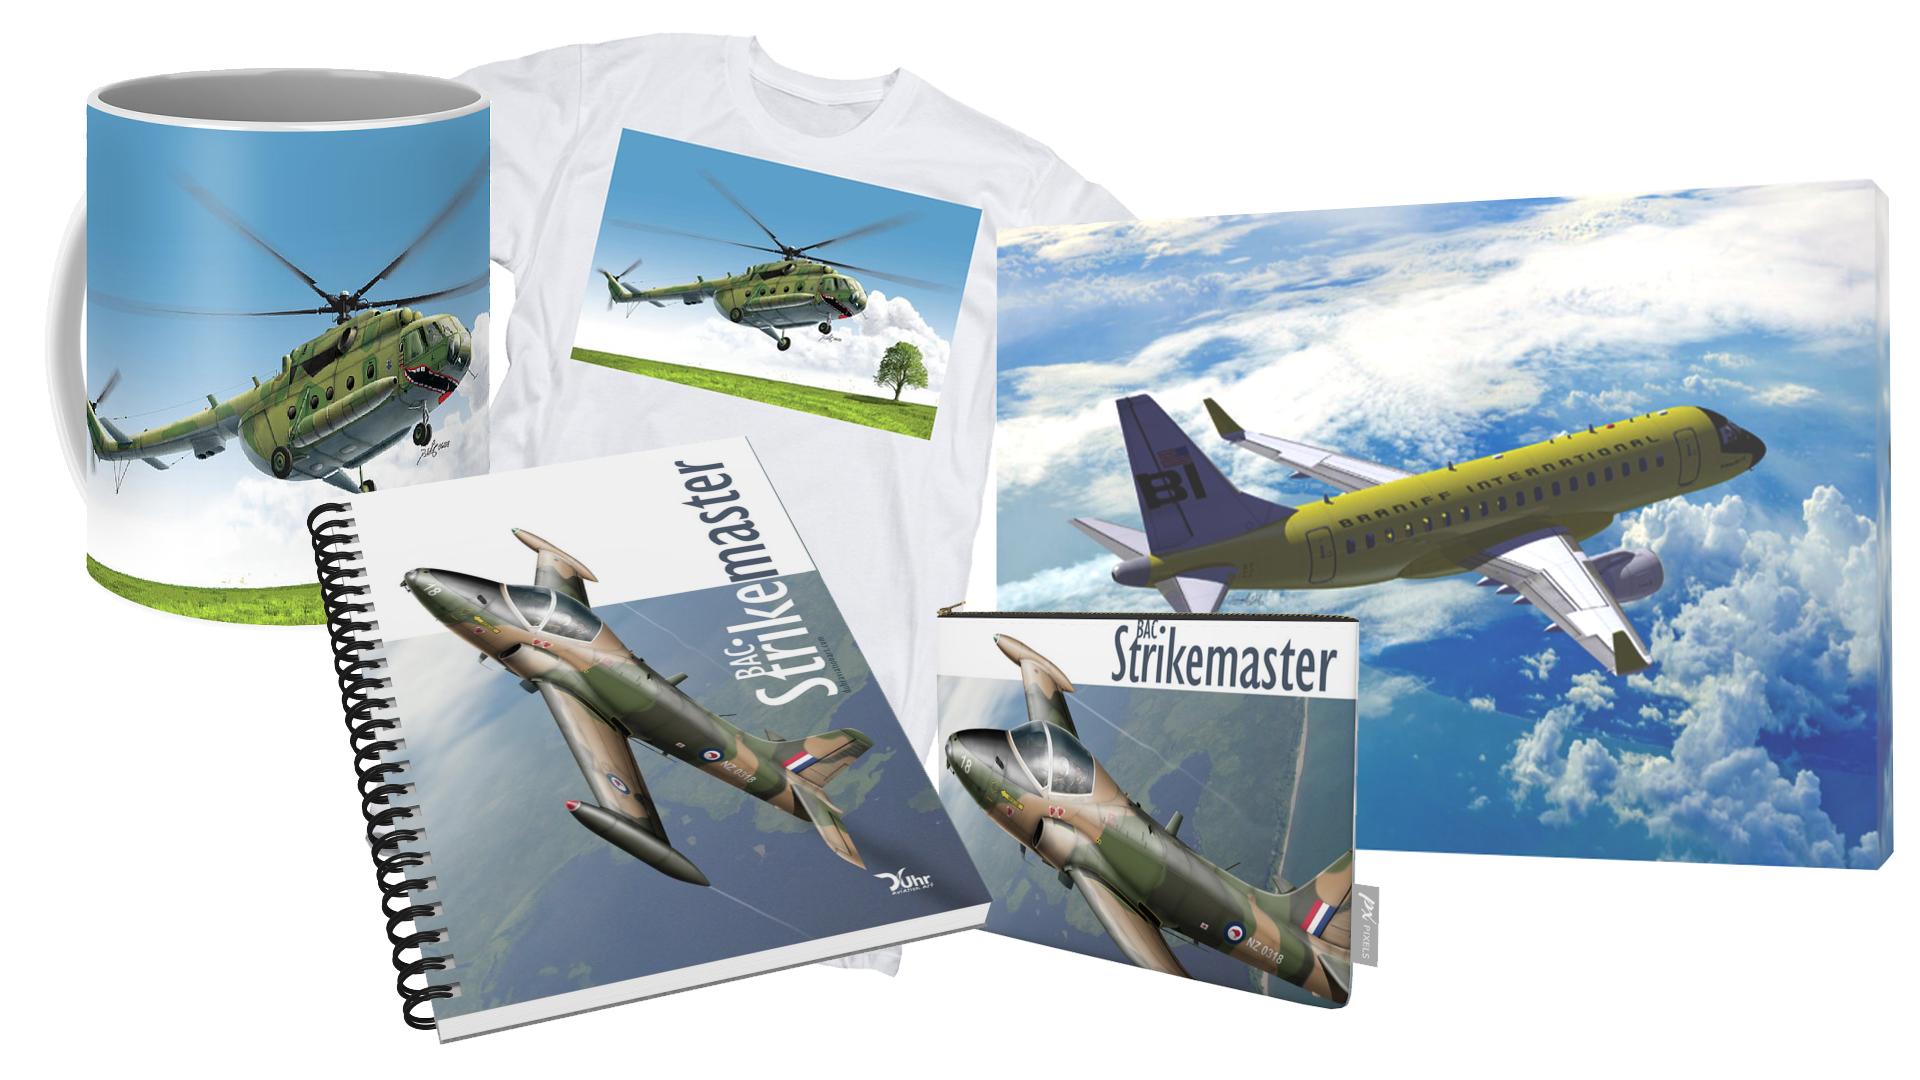 Mugs, Frames, Notebooks... Duhraviationart, Aviation Art, Aviation Art Illustrator, Aviation Art Artist